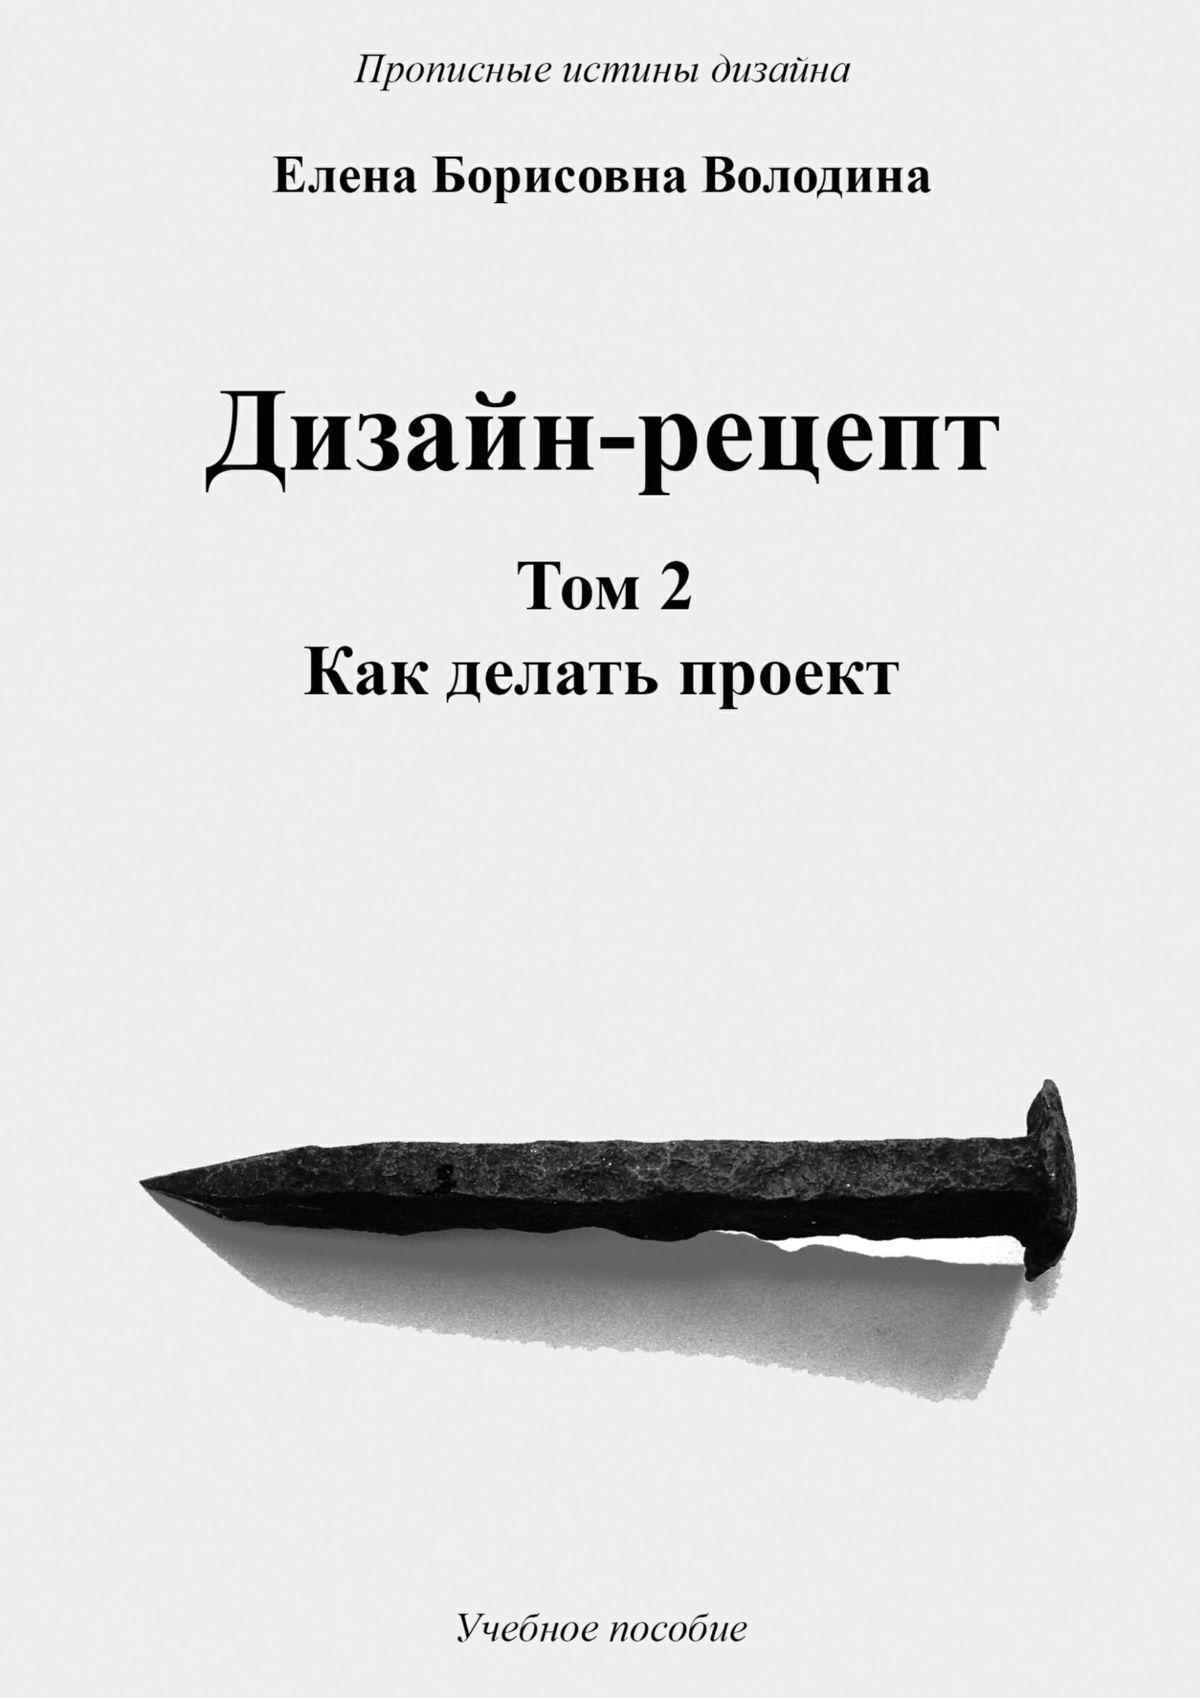 Елена Борисовна Володина Дизайн-рецепт. Том2. Как делать проект